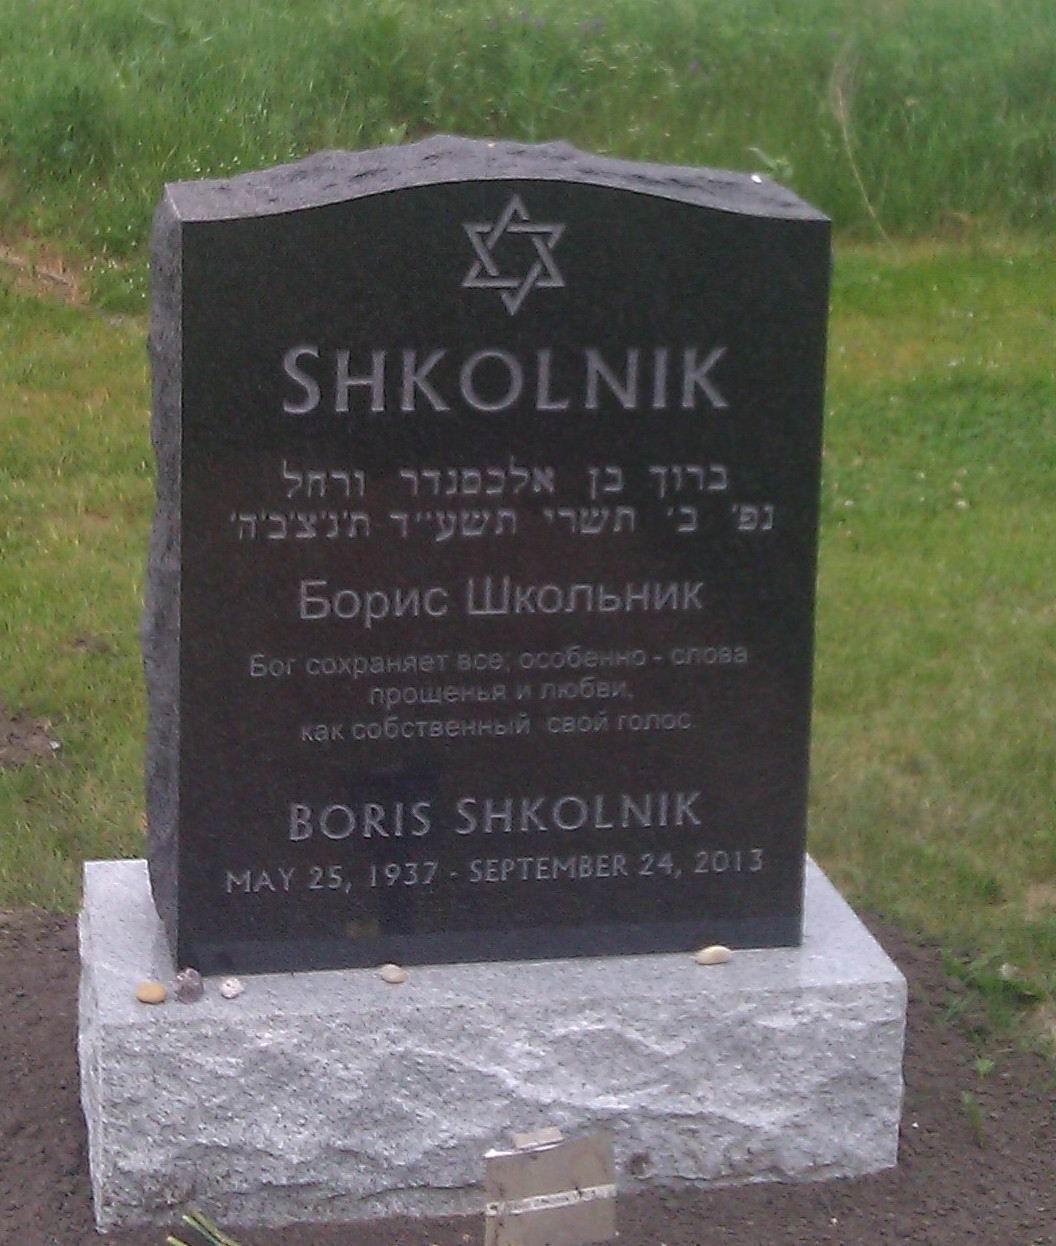 Надгробный камень на могиле Б.А. Школьника